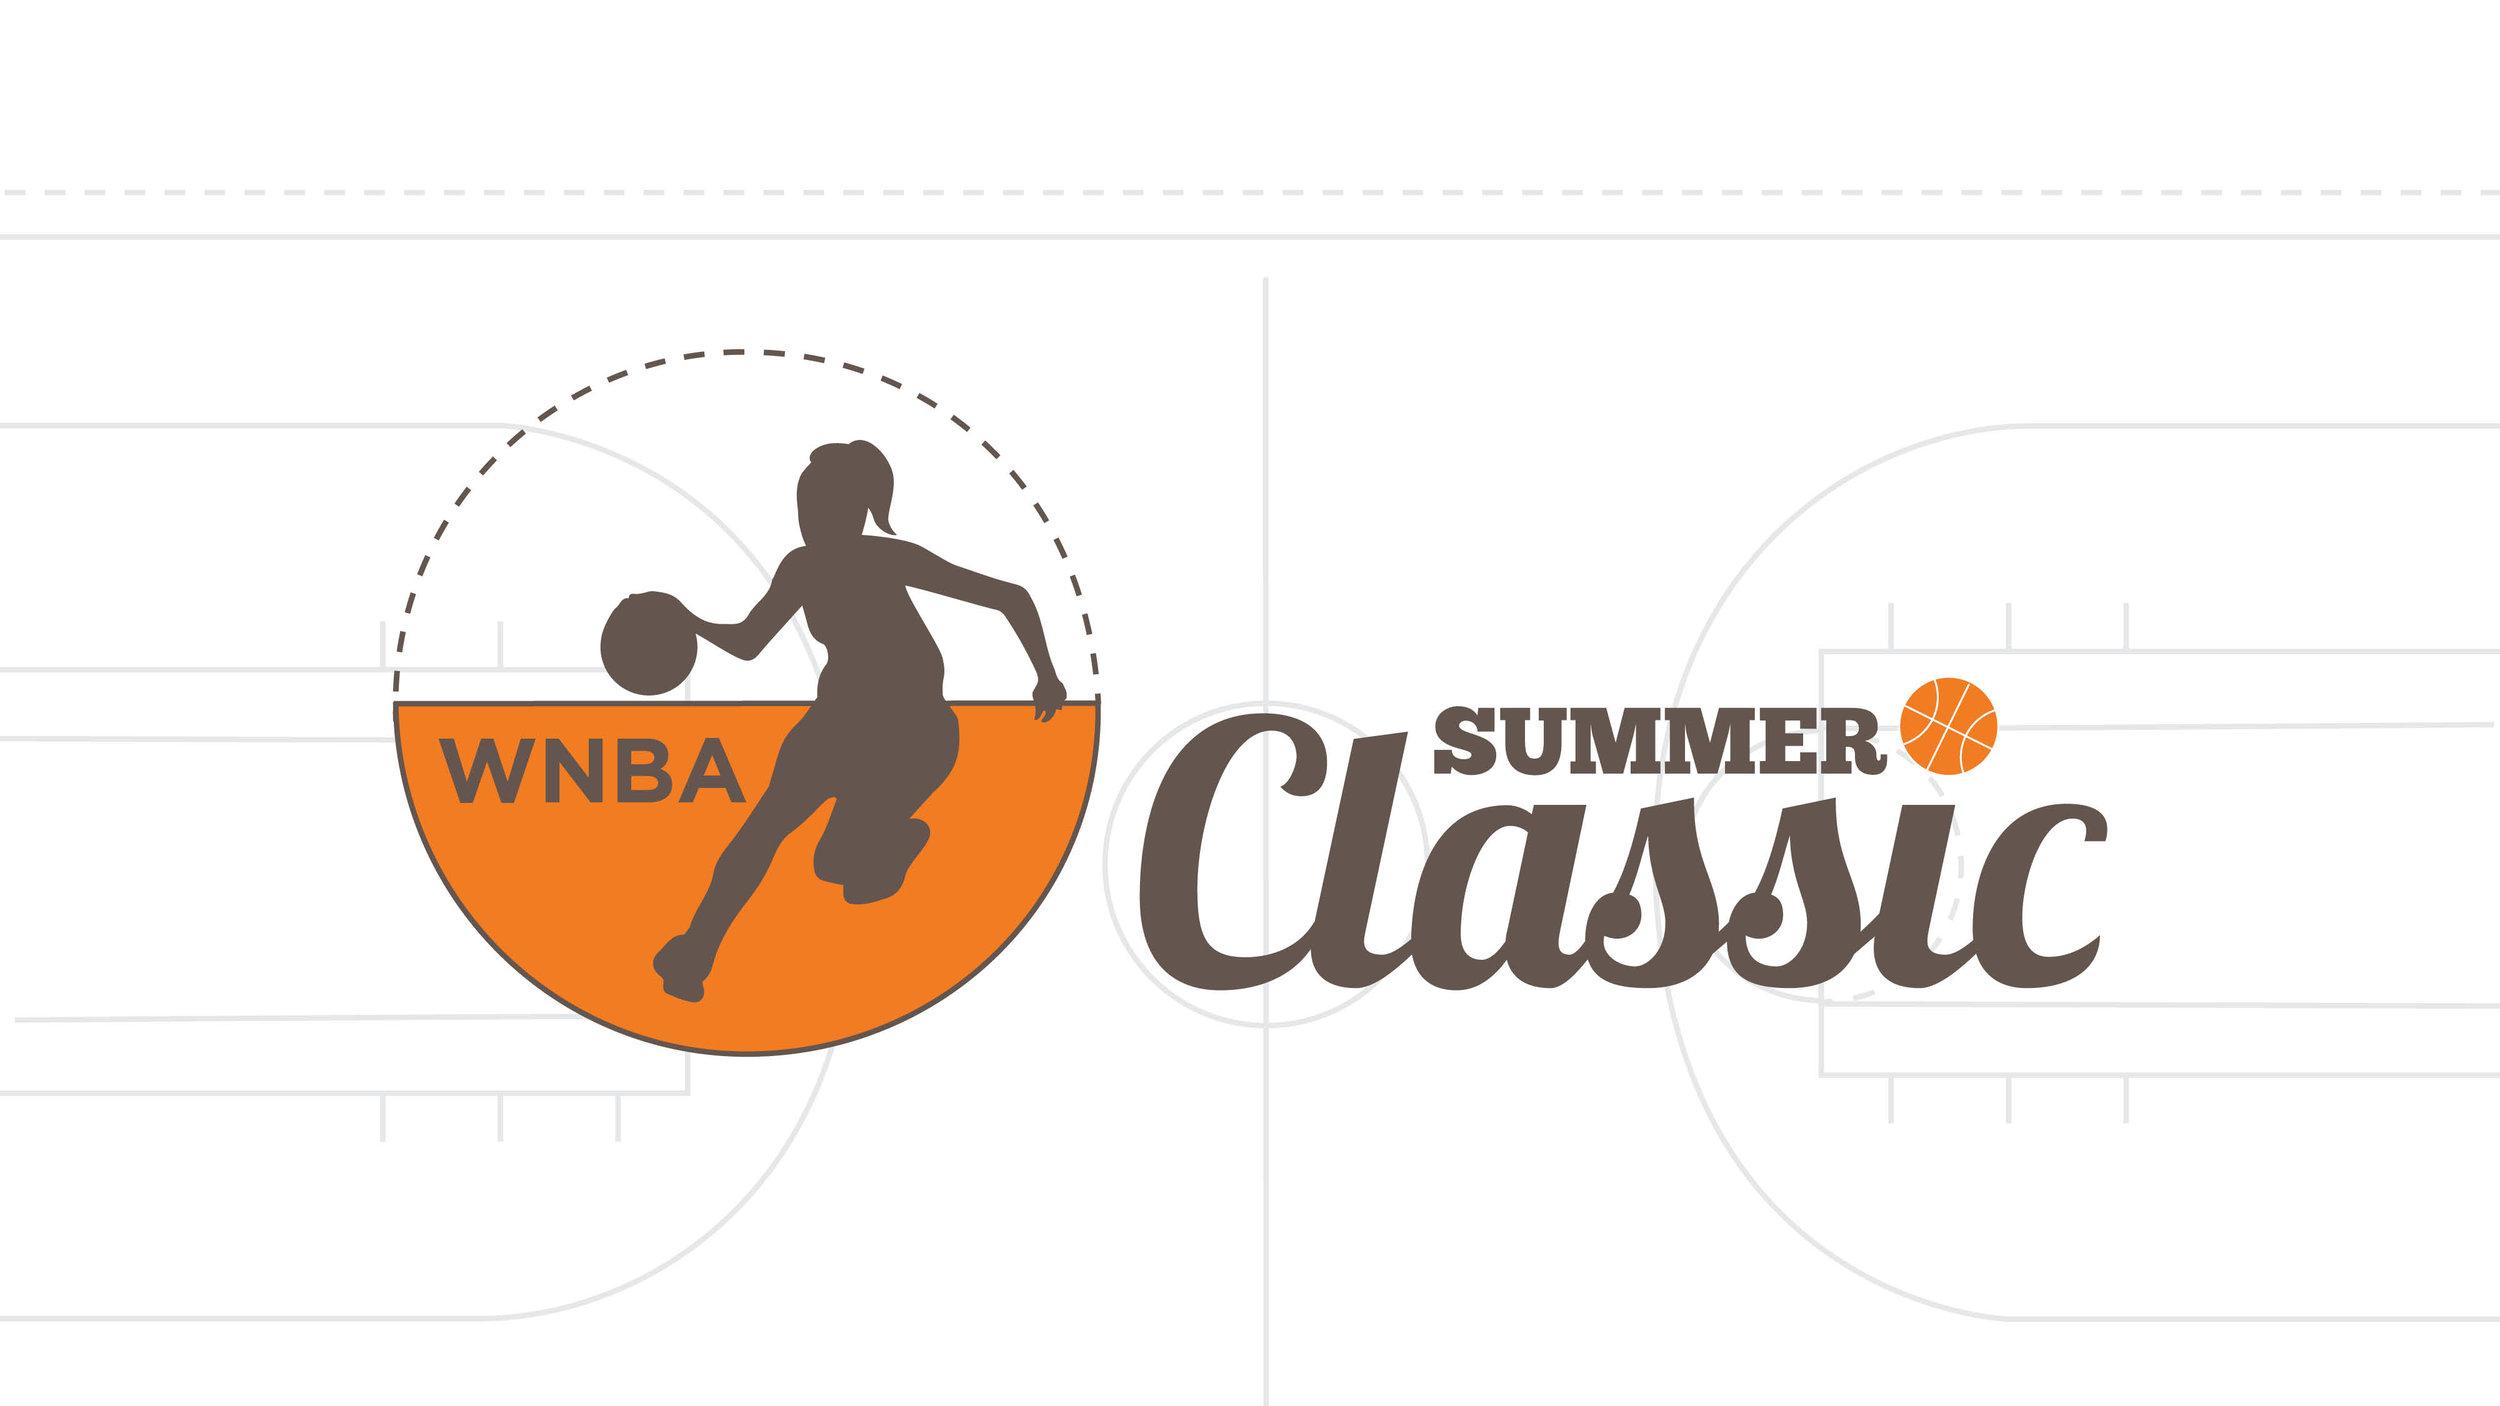 WNBA_Final.jpg